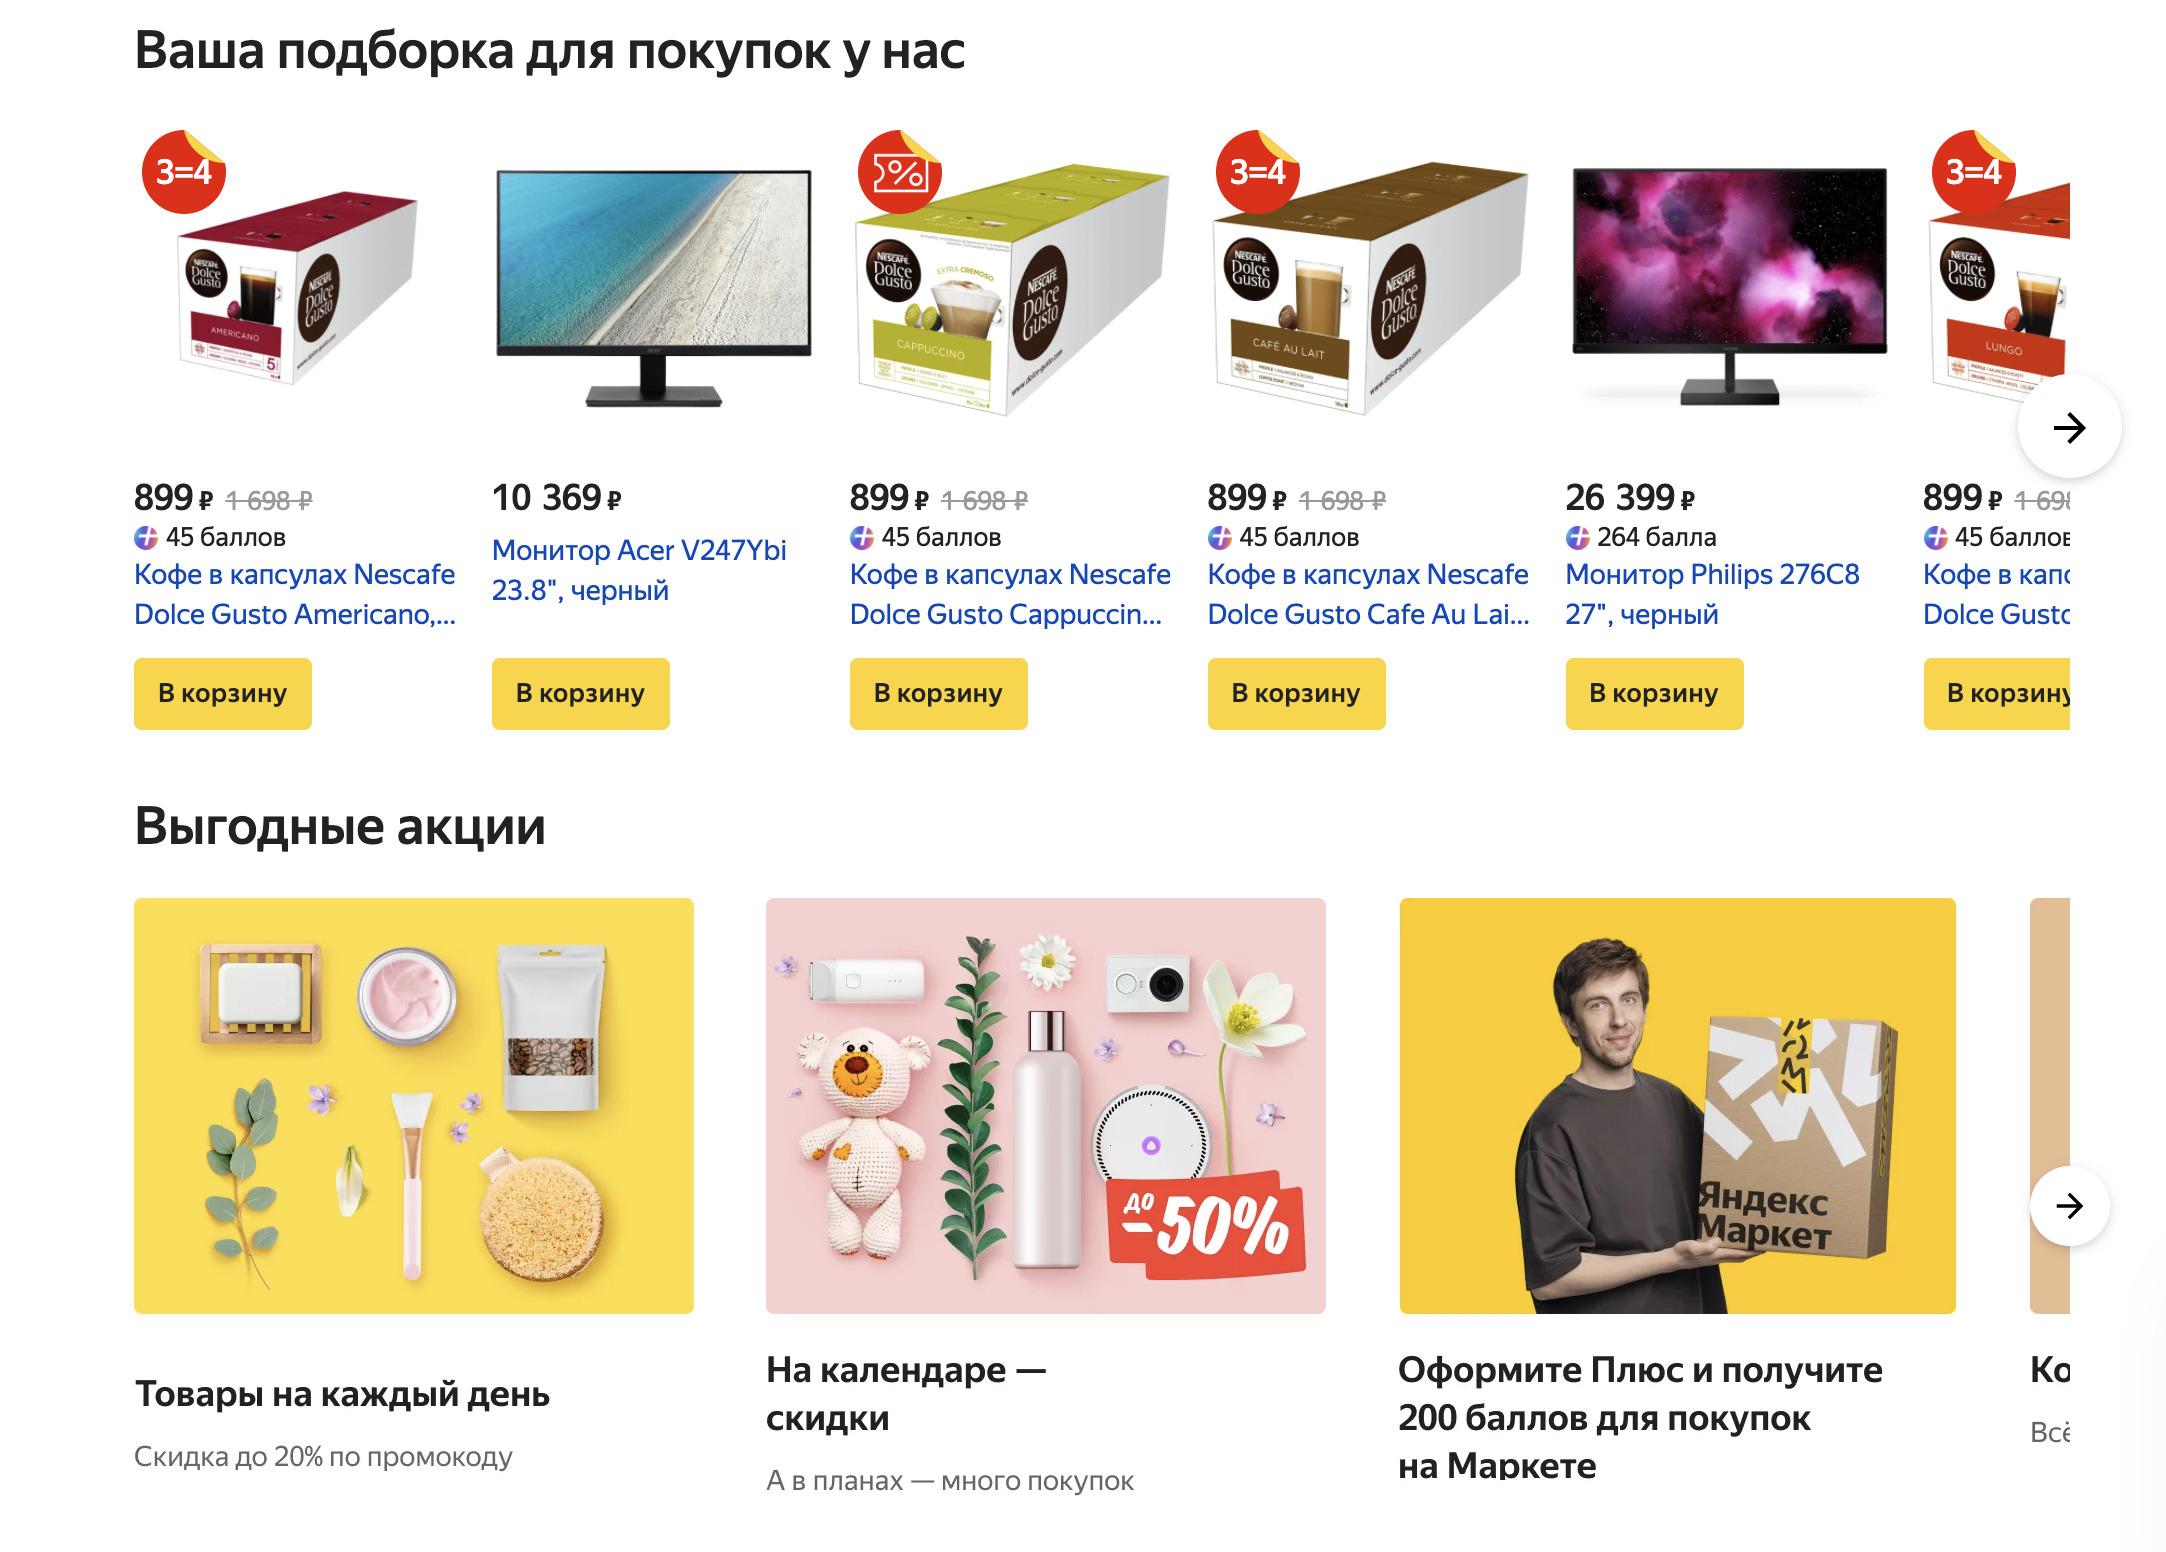 Доставка из Яндекс.Маркет в Республику Ингушетия, сроки, пункты выдачи, каталог